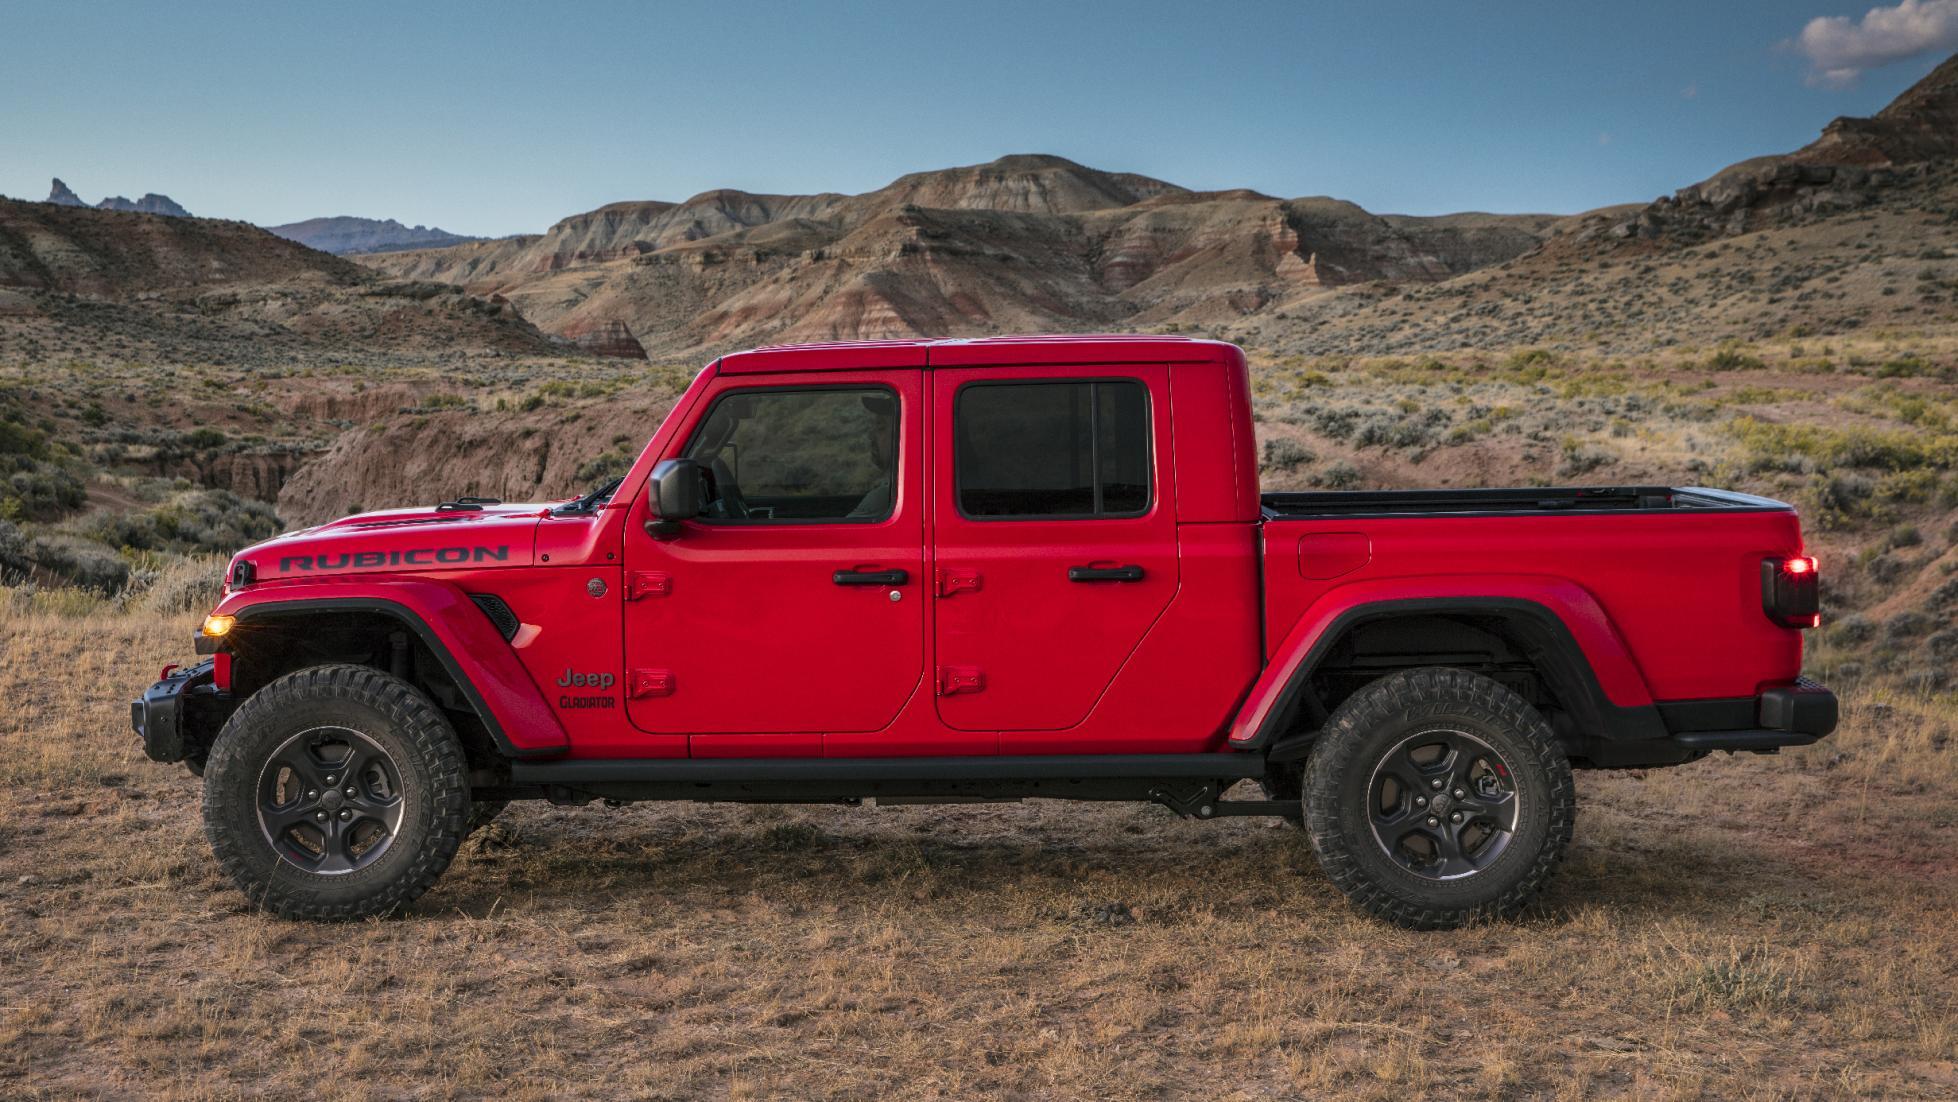 Le Jeep Gladiator ne craint rien ni personne - Galerie